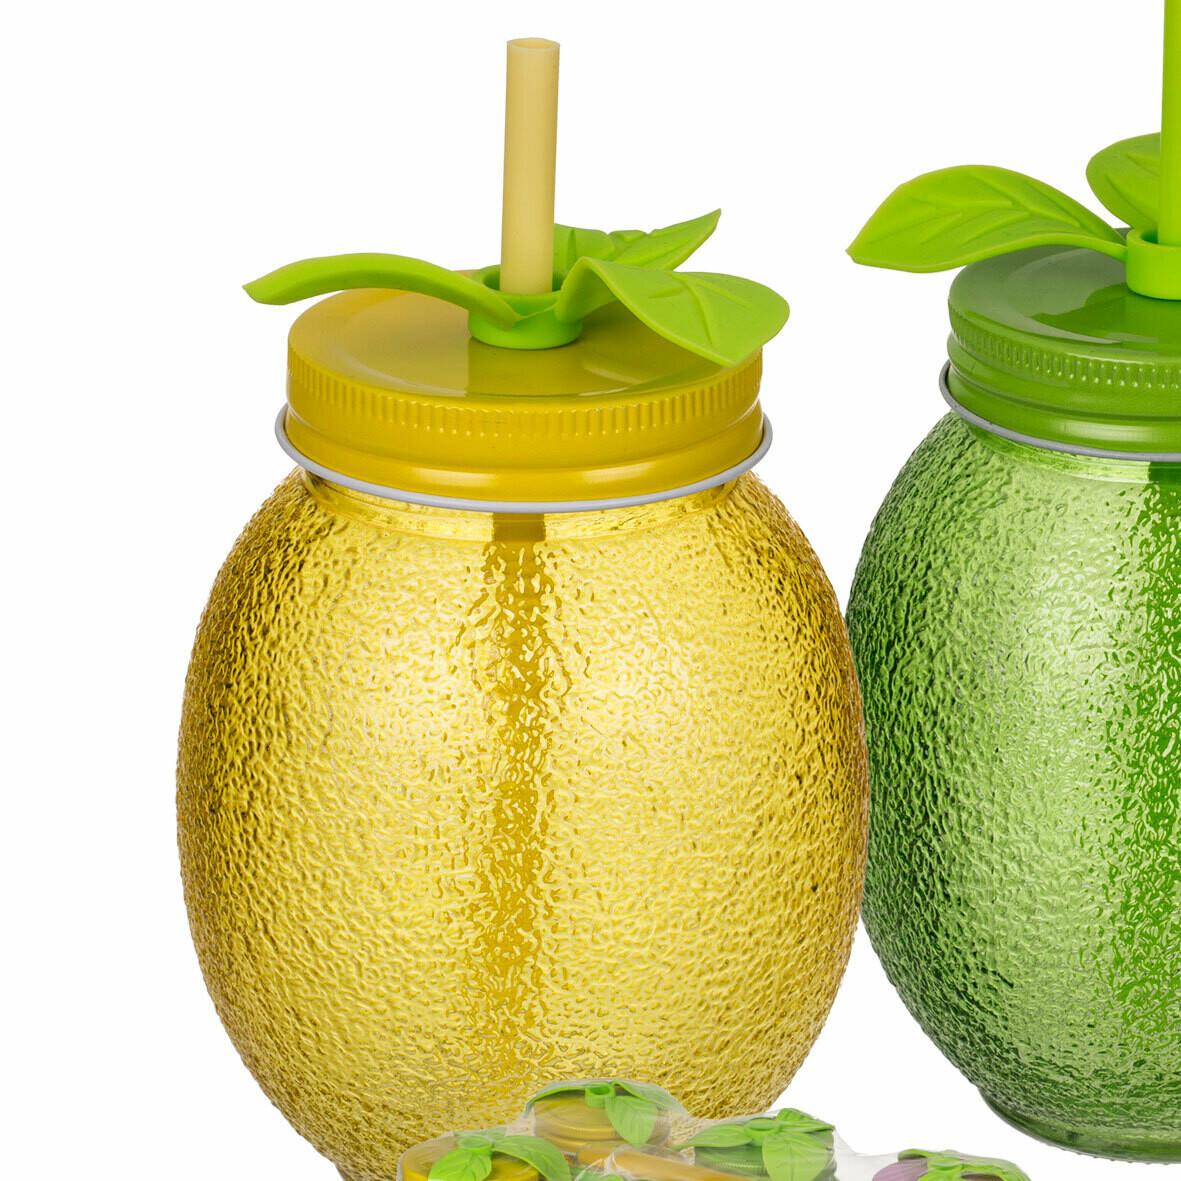 Банка стеклянная с трубочкой для смузи и коктейлей Тропические фрукты, желтая